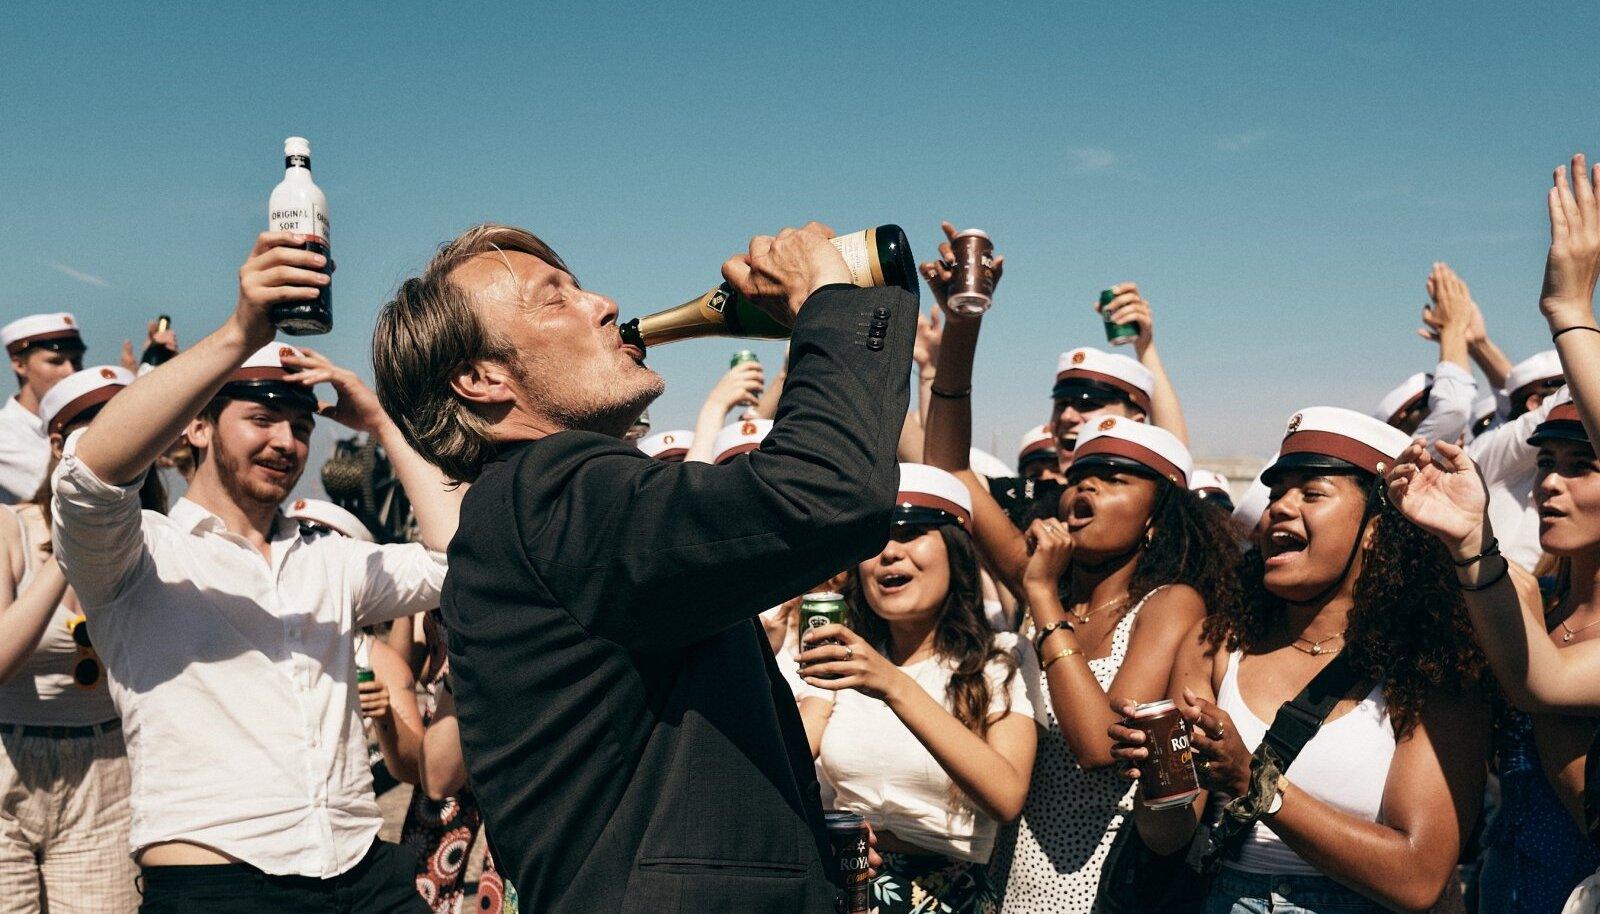 KÕIK ANNAVAD KUUMA: Iga vaataja peab ise välja mõtlema, kas tema jaoks on hullem vaatepilt purjus noored või purjus keskealised.